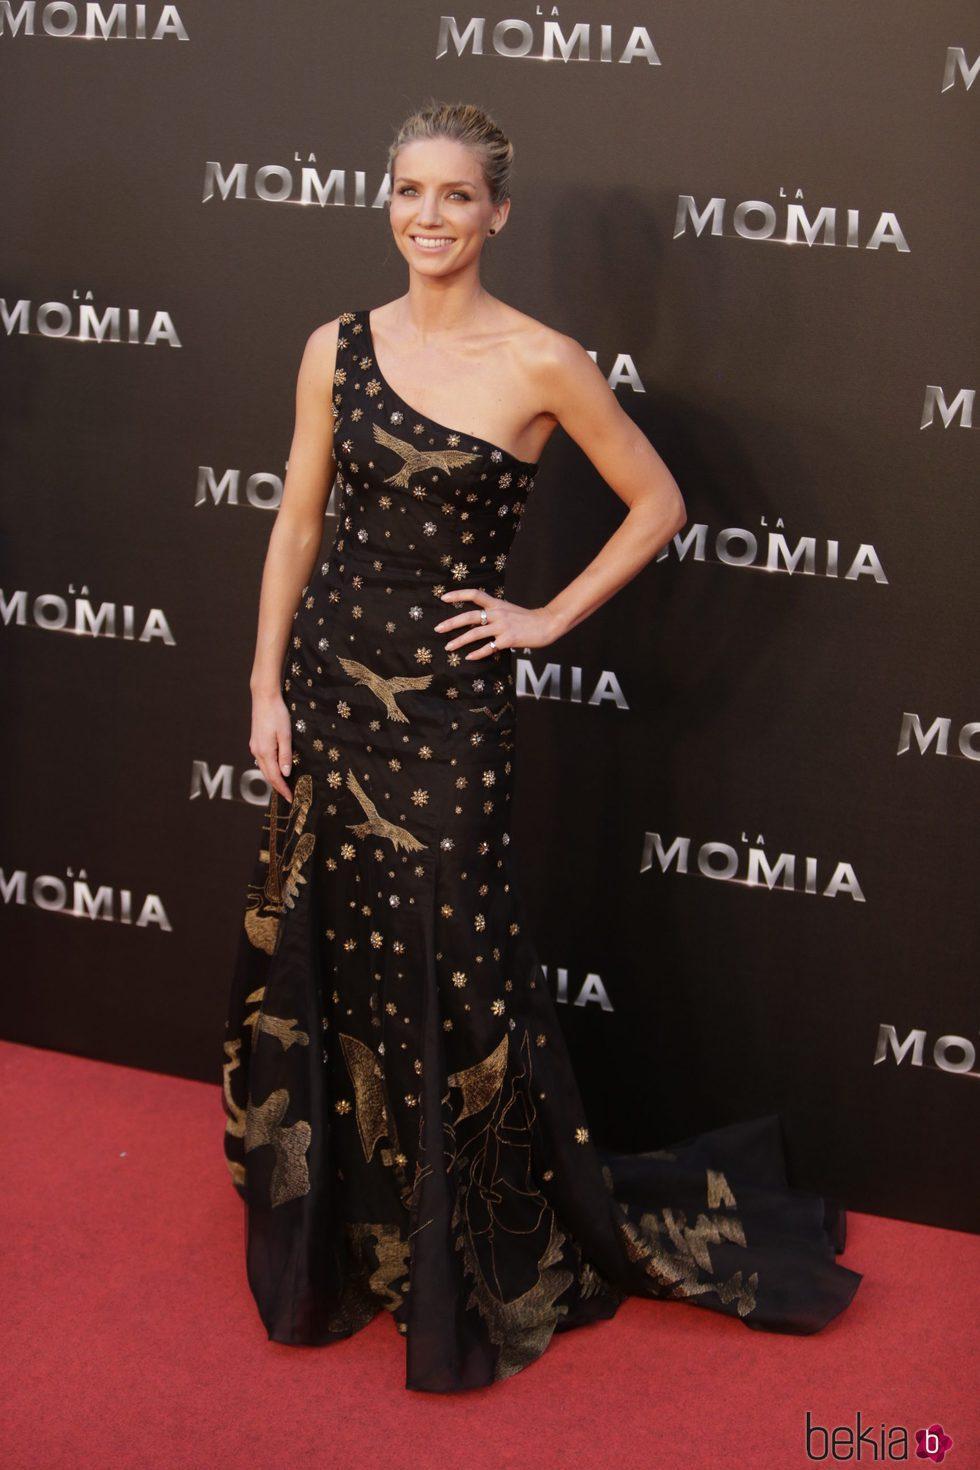 Annabelle Wallis en la presentación de 'La Momia' en Madrid